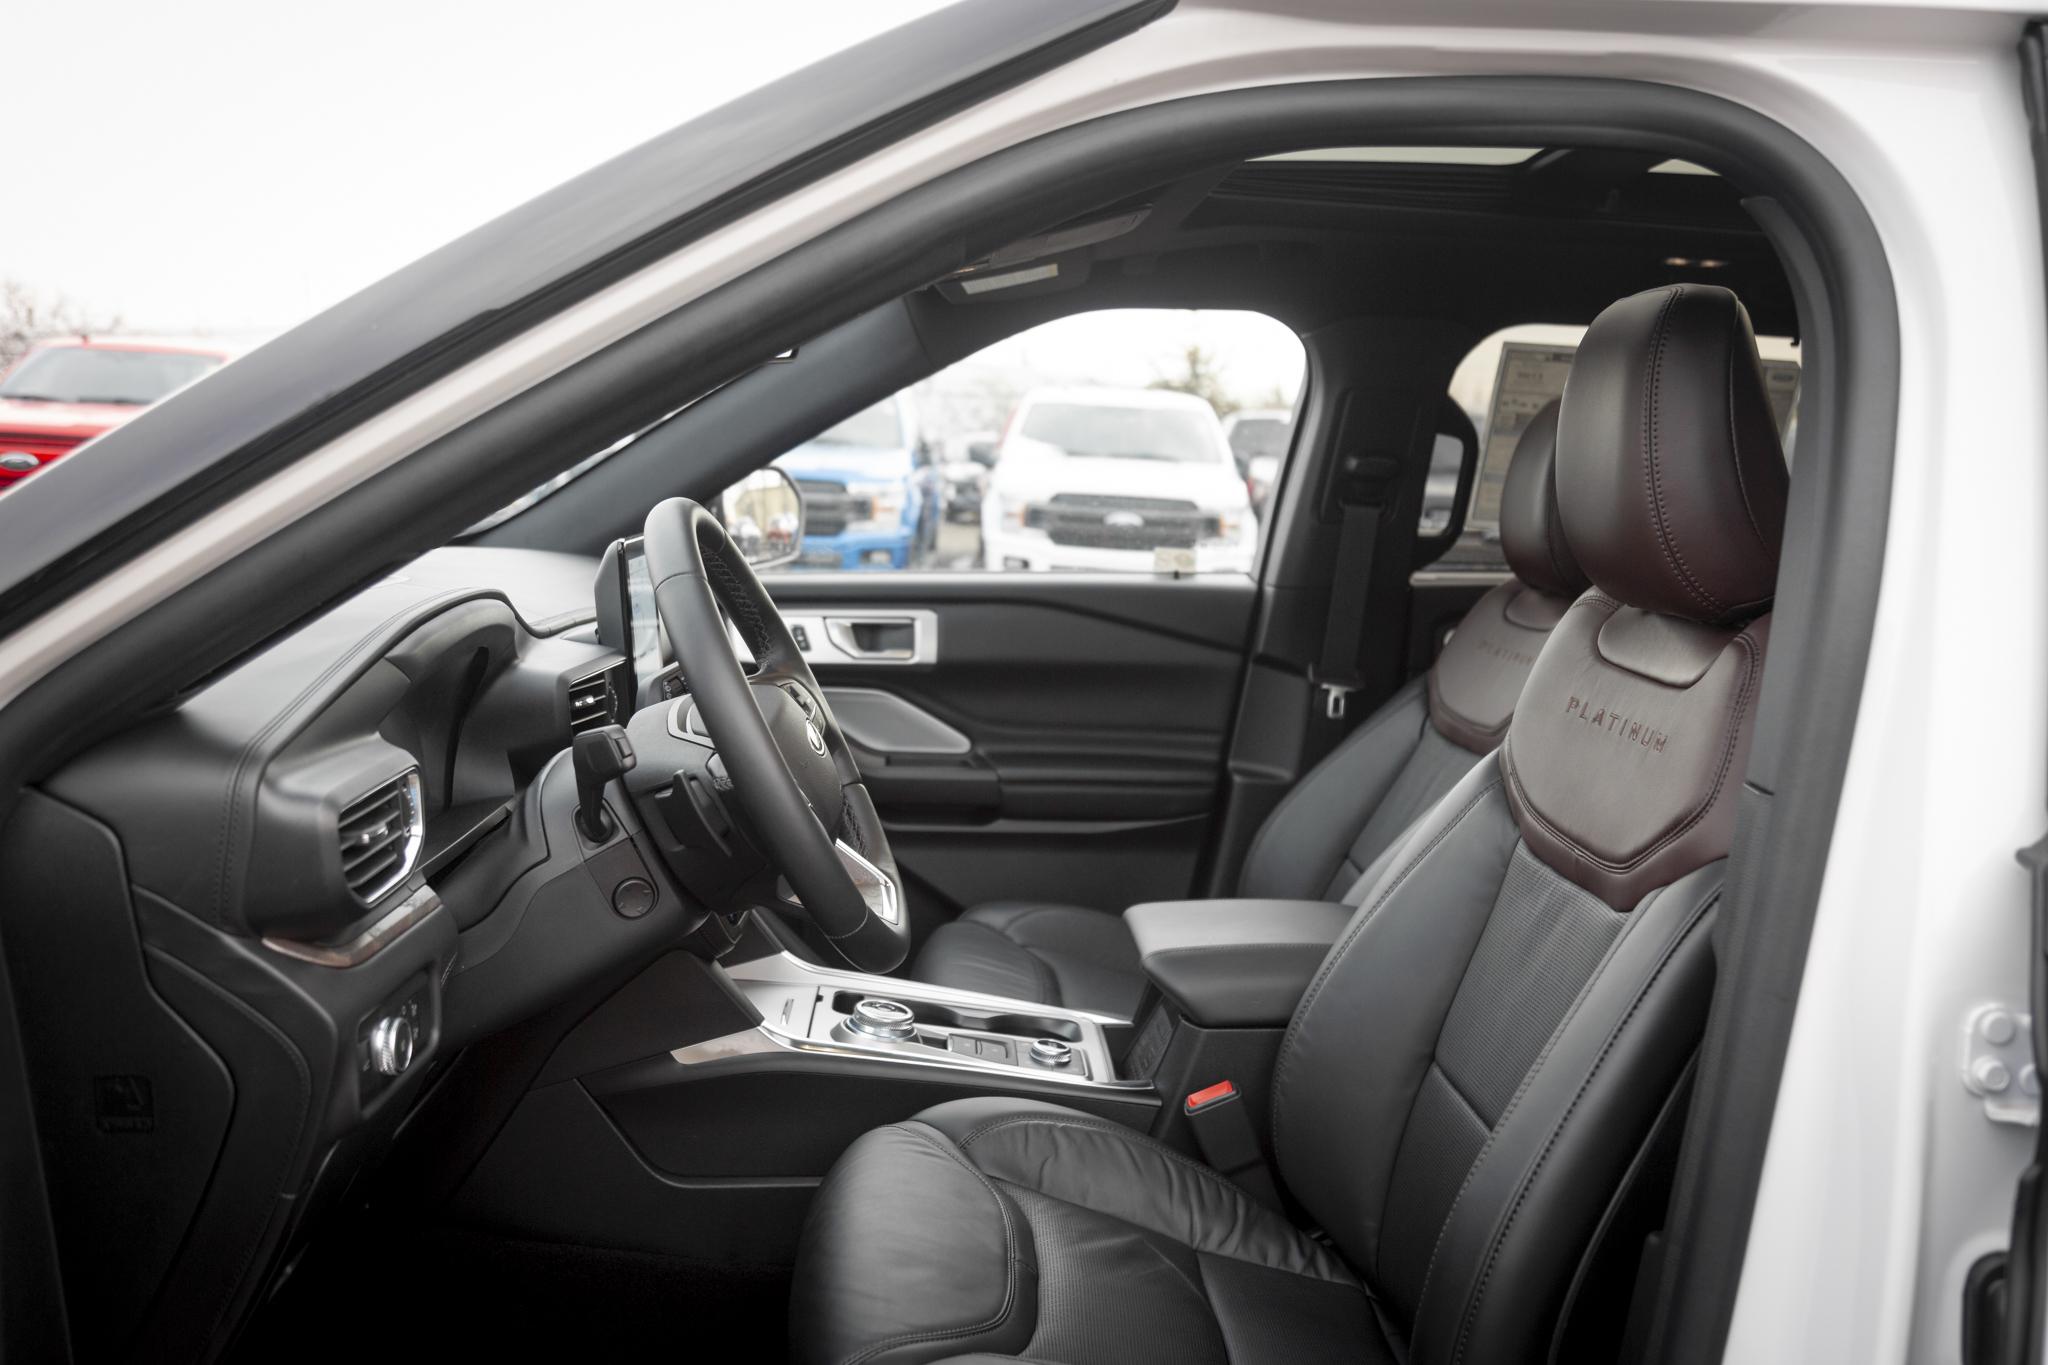 2020 Ford Explorer Platinum Star White 3 0l Ecoboost V6